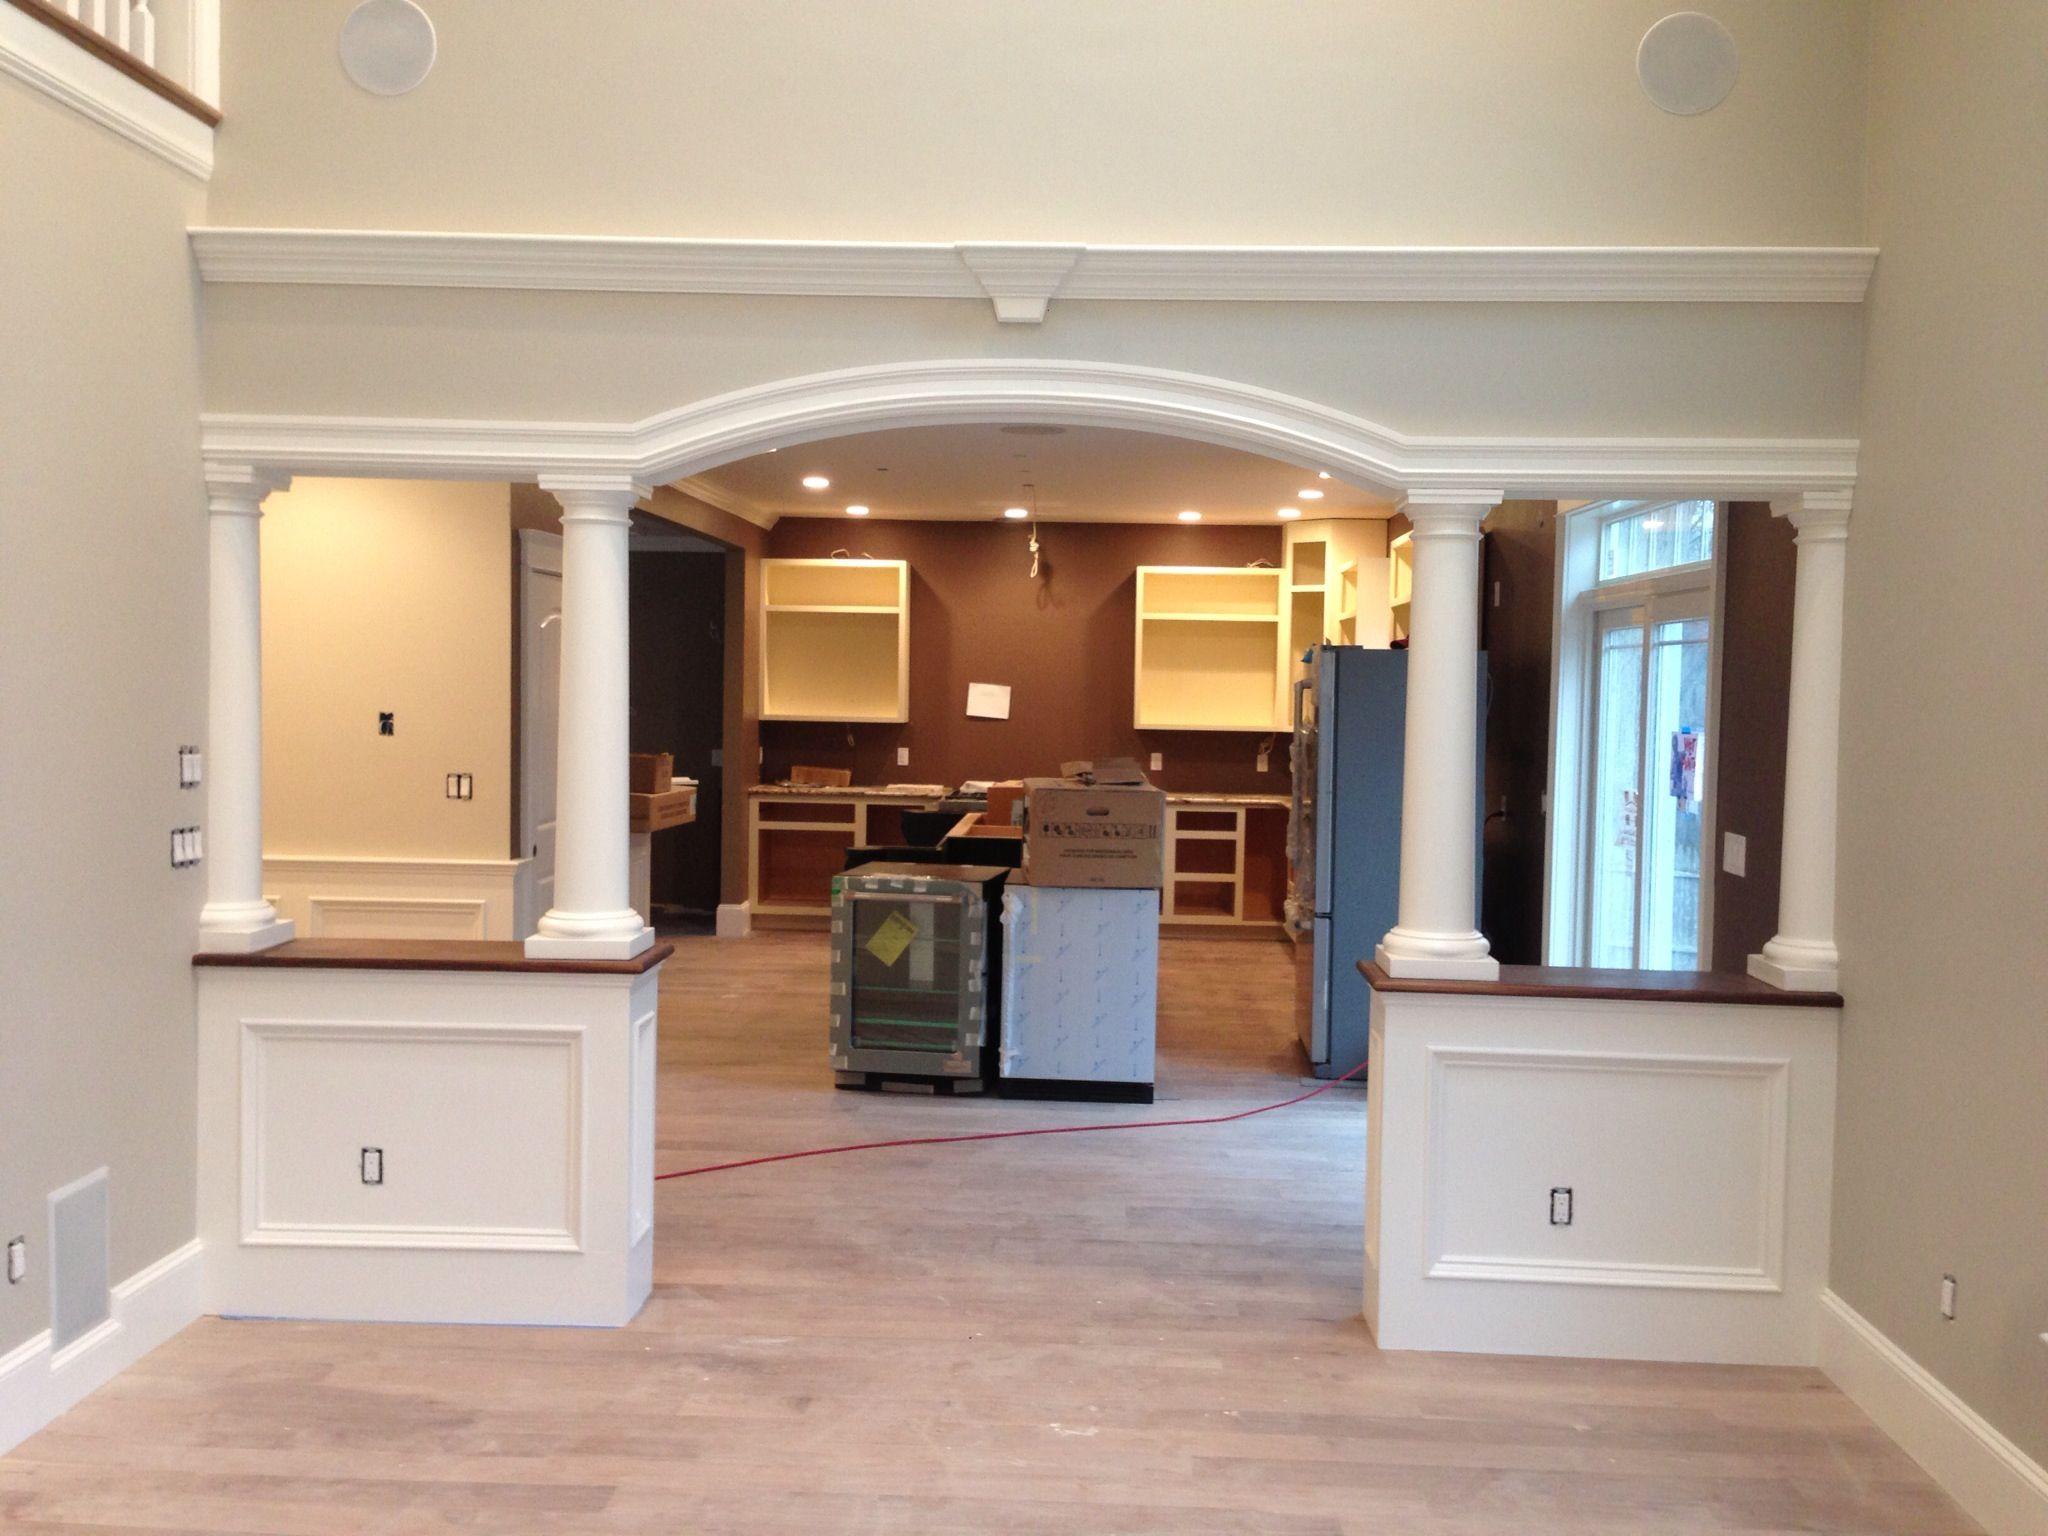 Kitchen Decorative Columns In Cabinets